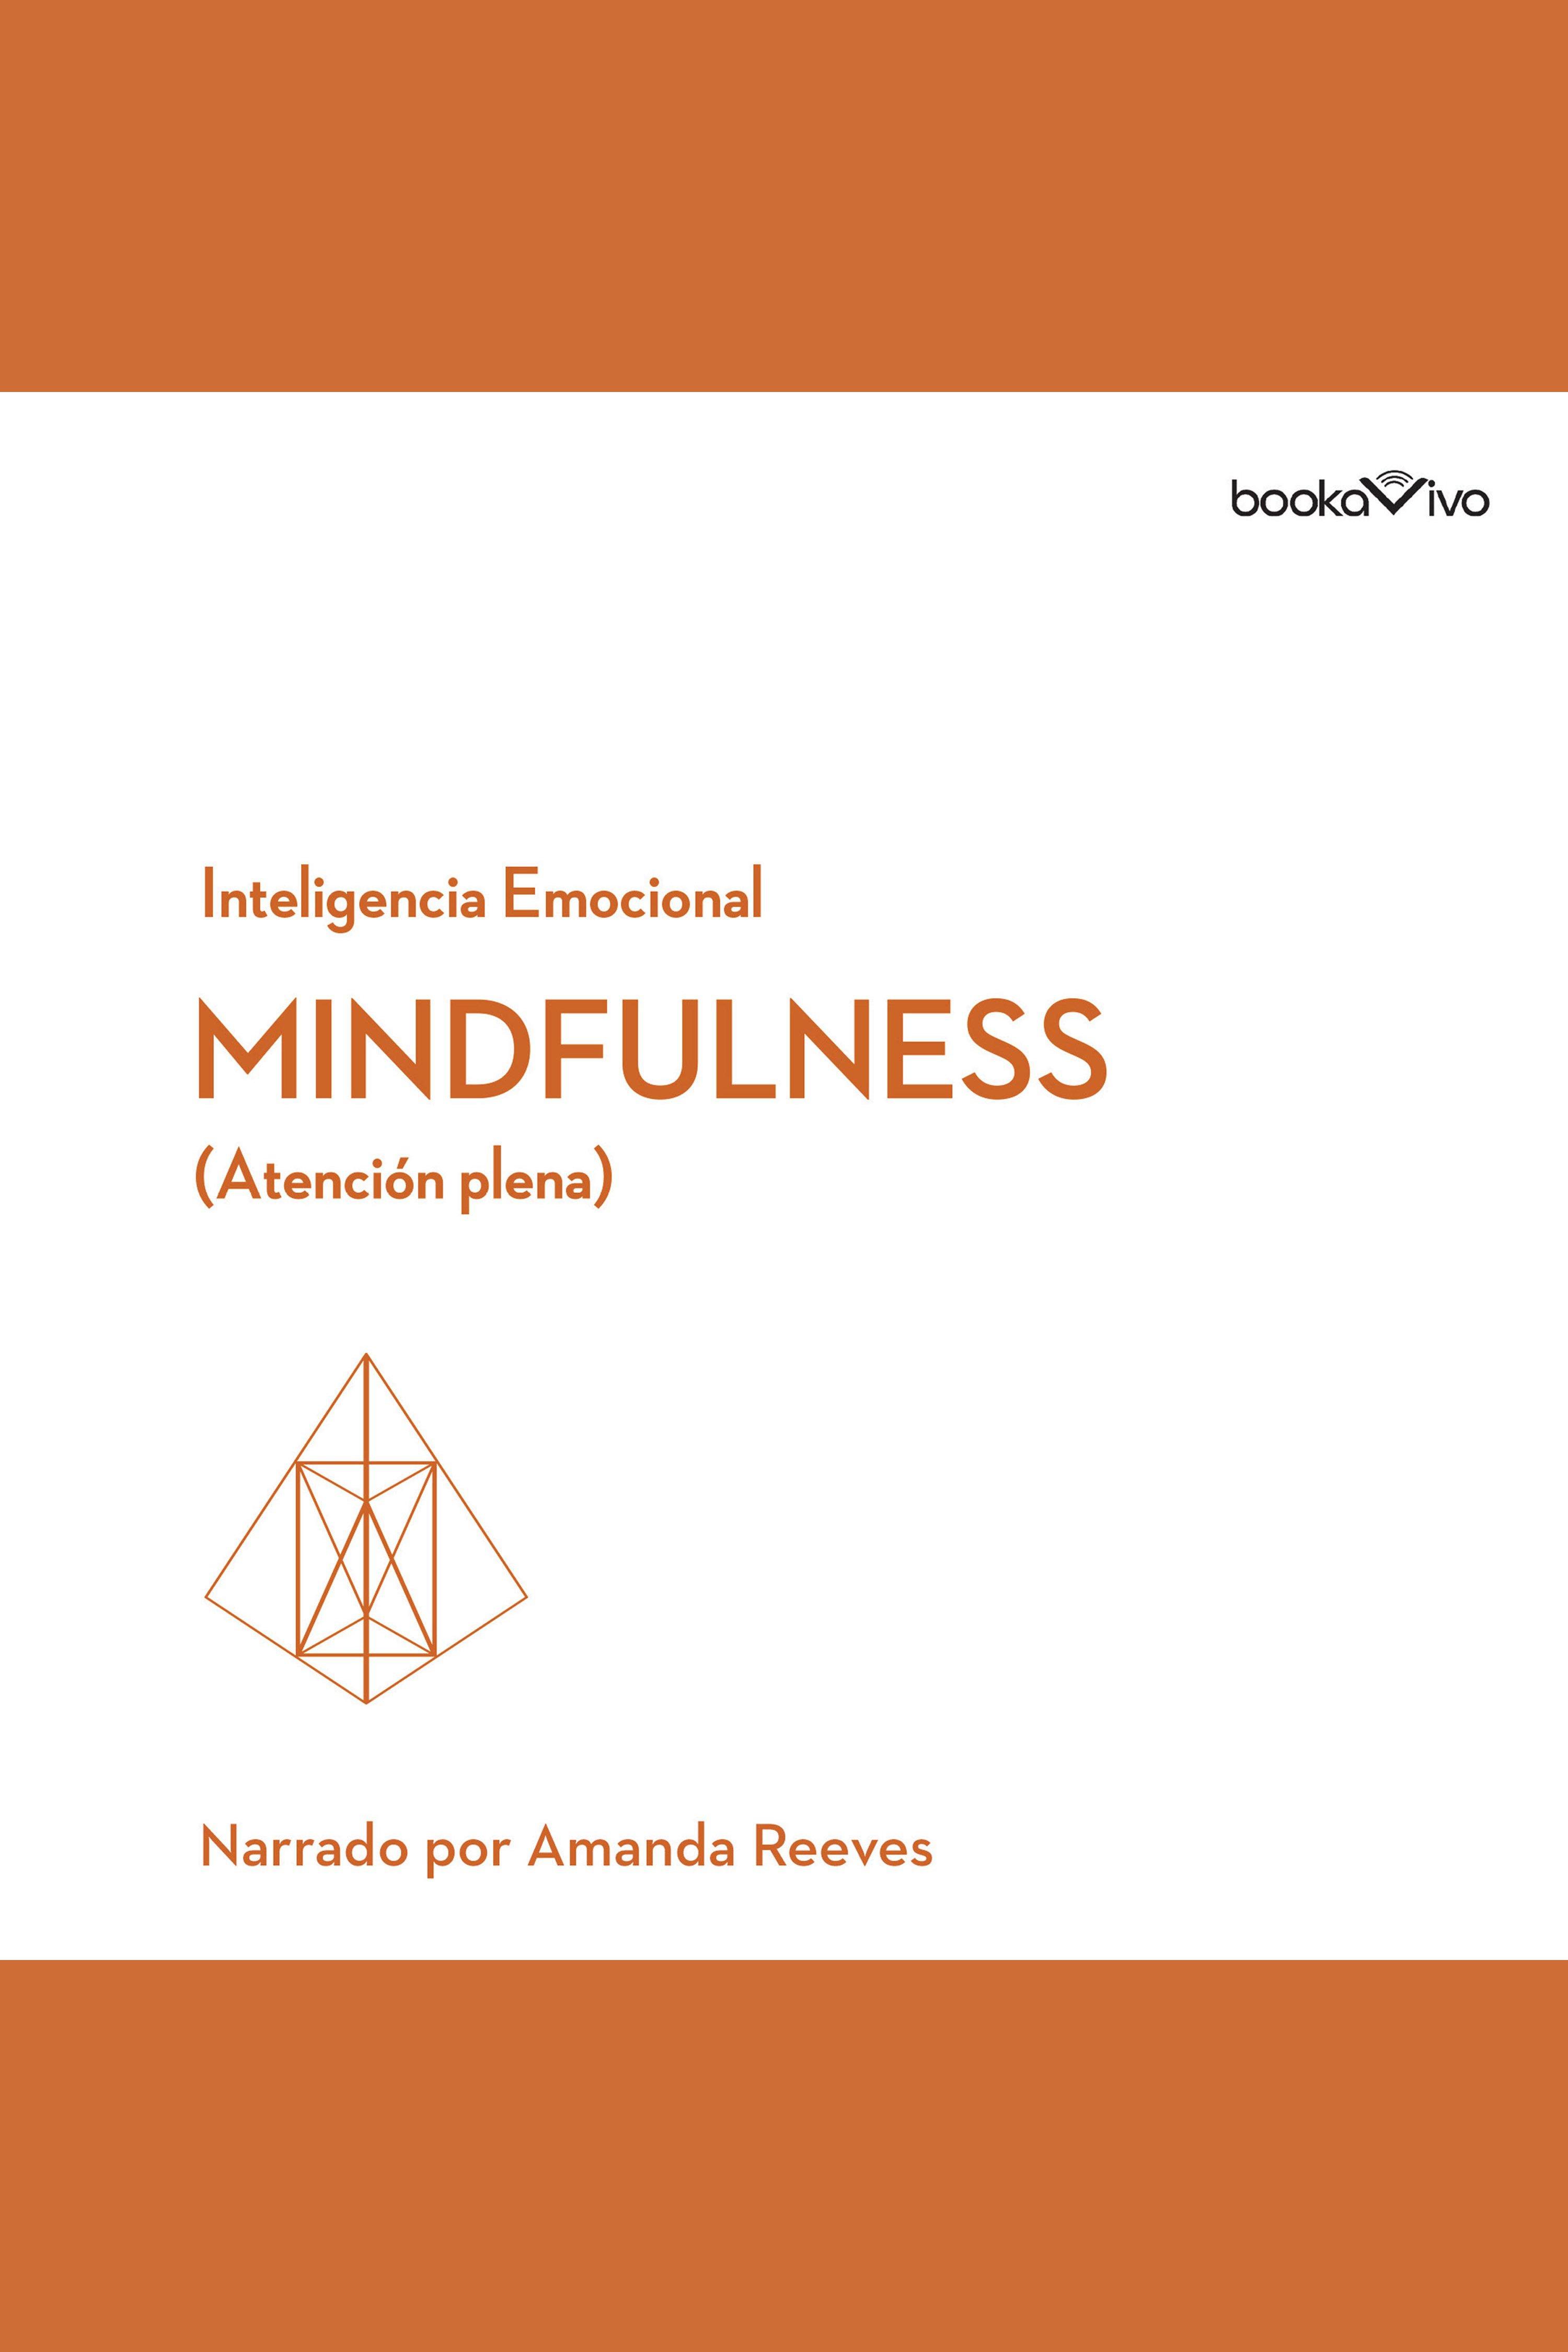 Esta es la portada del audiolibro Atención plena (Mindfulness)